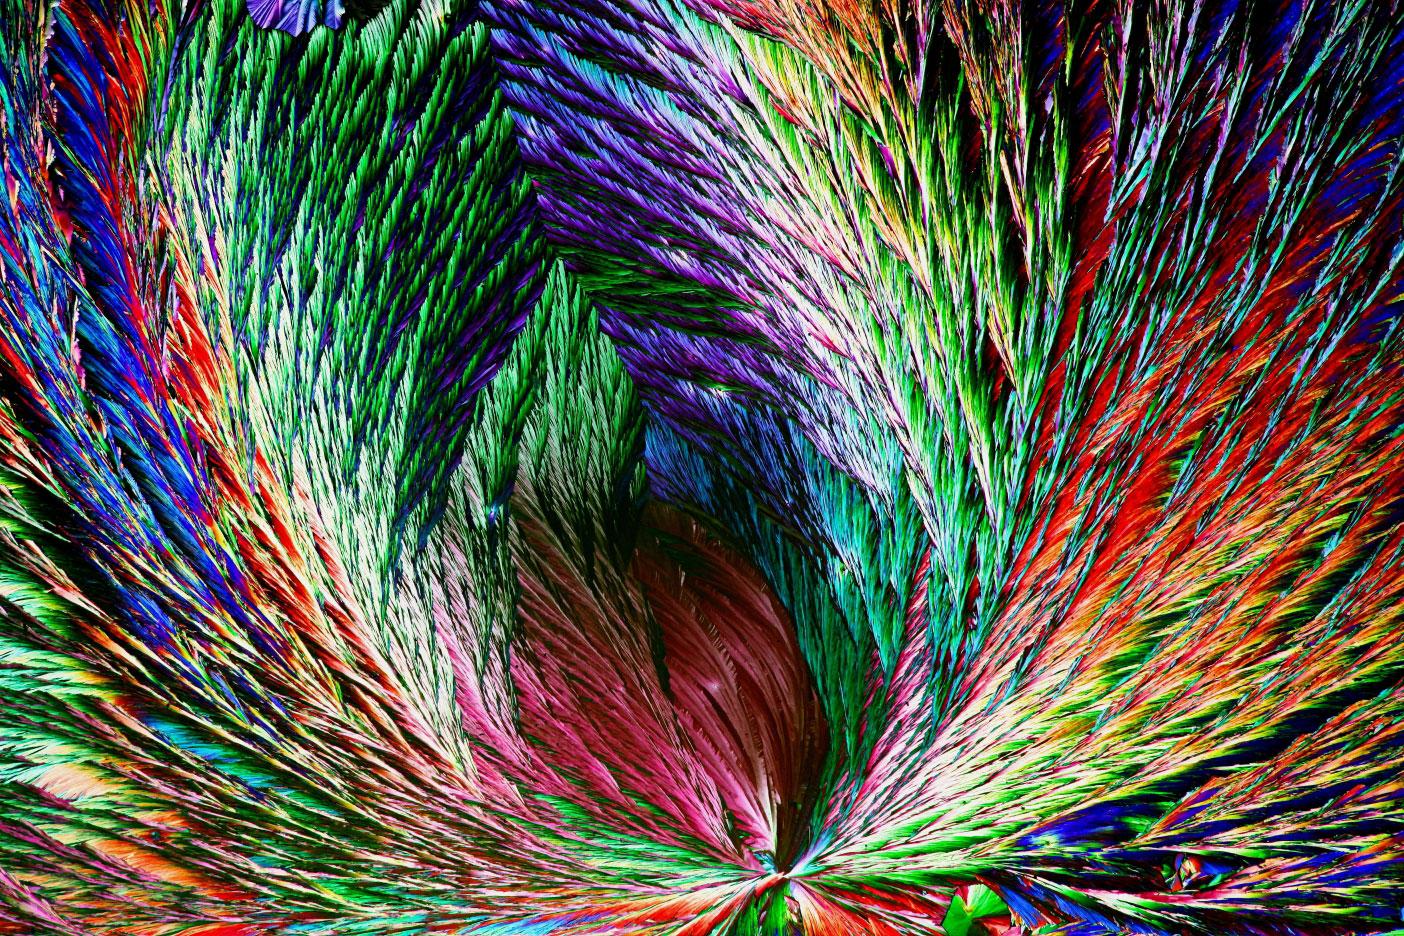 © Анри Коскинен, Органические кристаллы, Фотоконкурс Королевского общества биологии — Royal Society of Biology